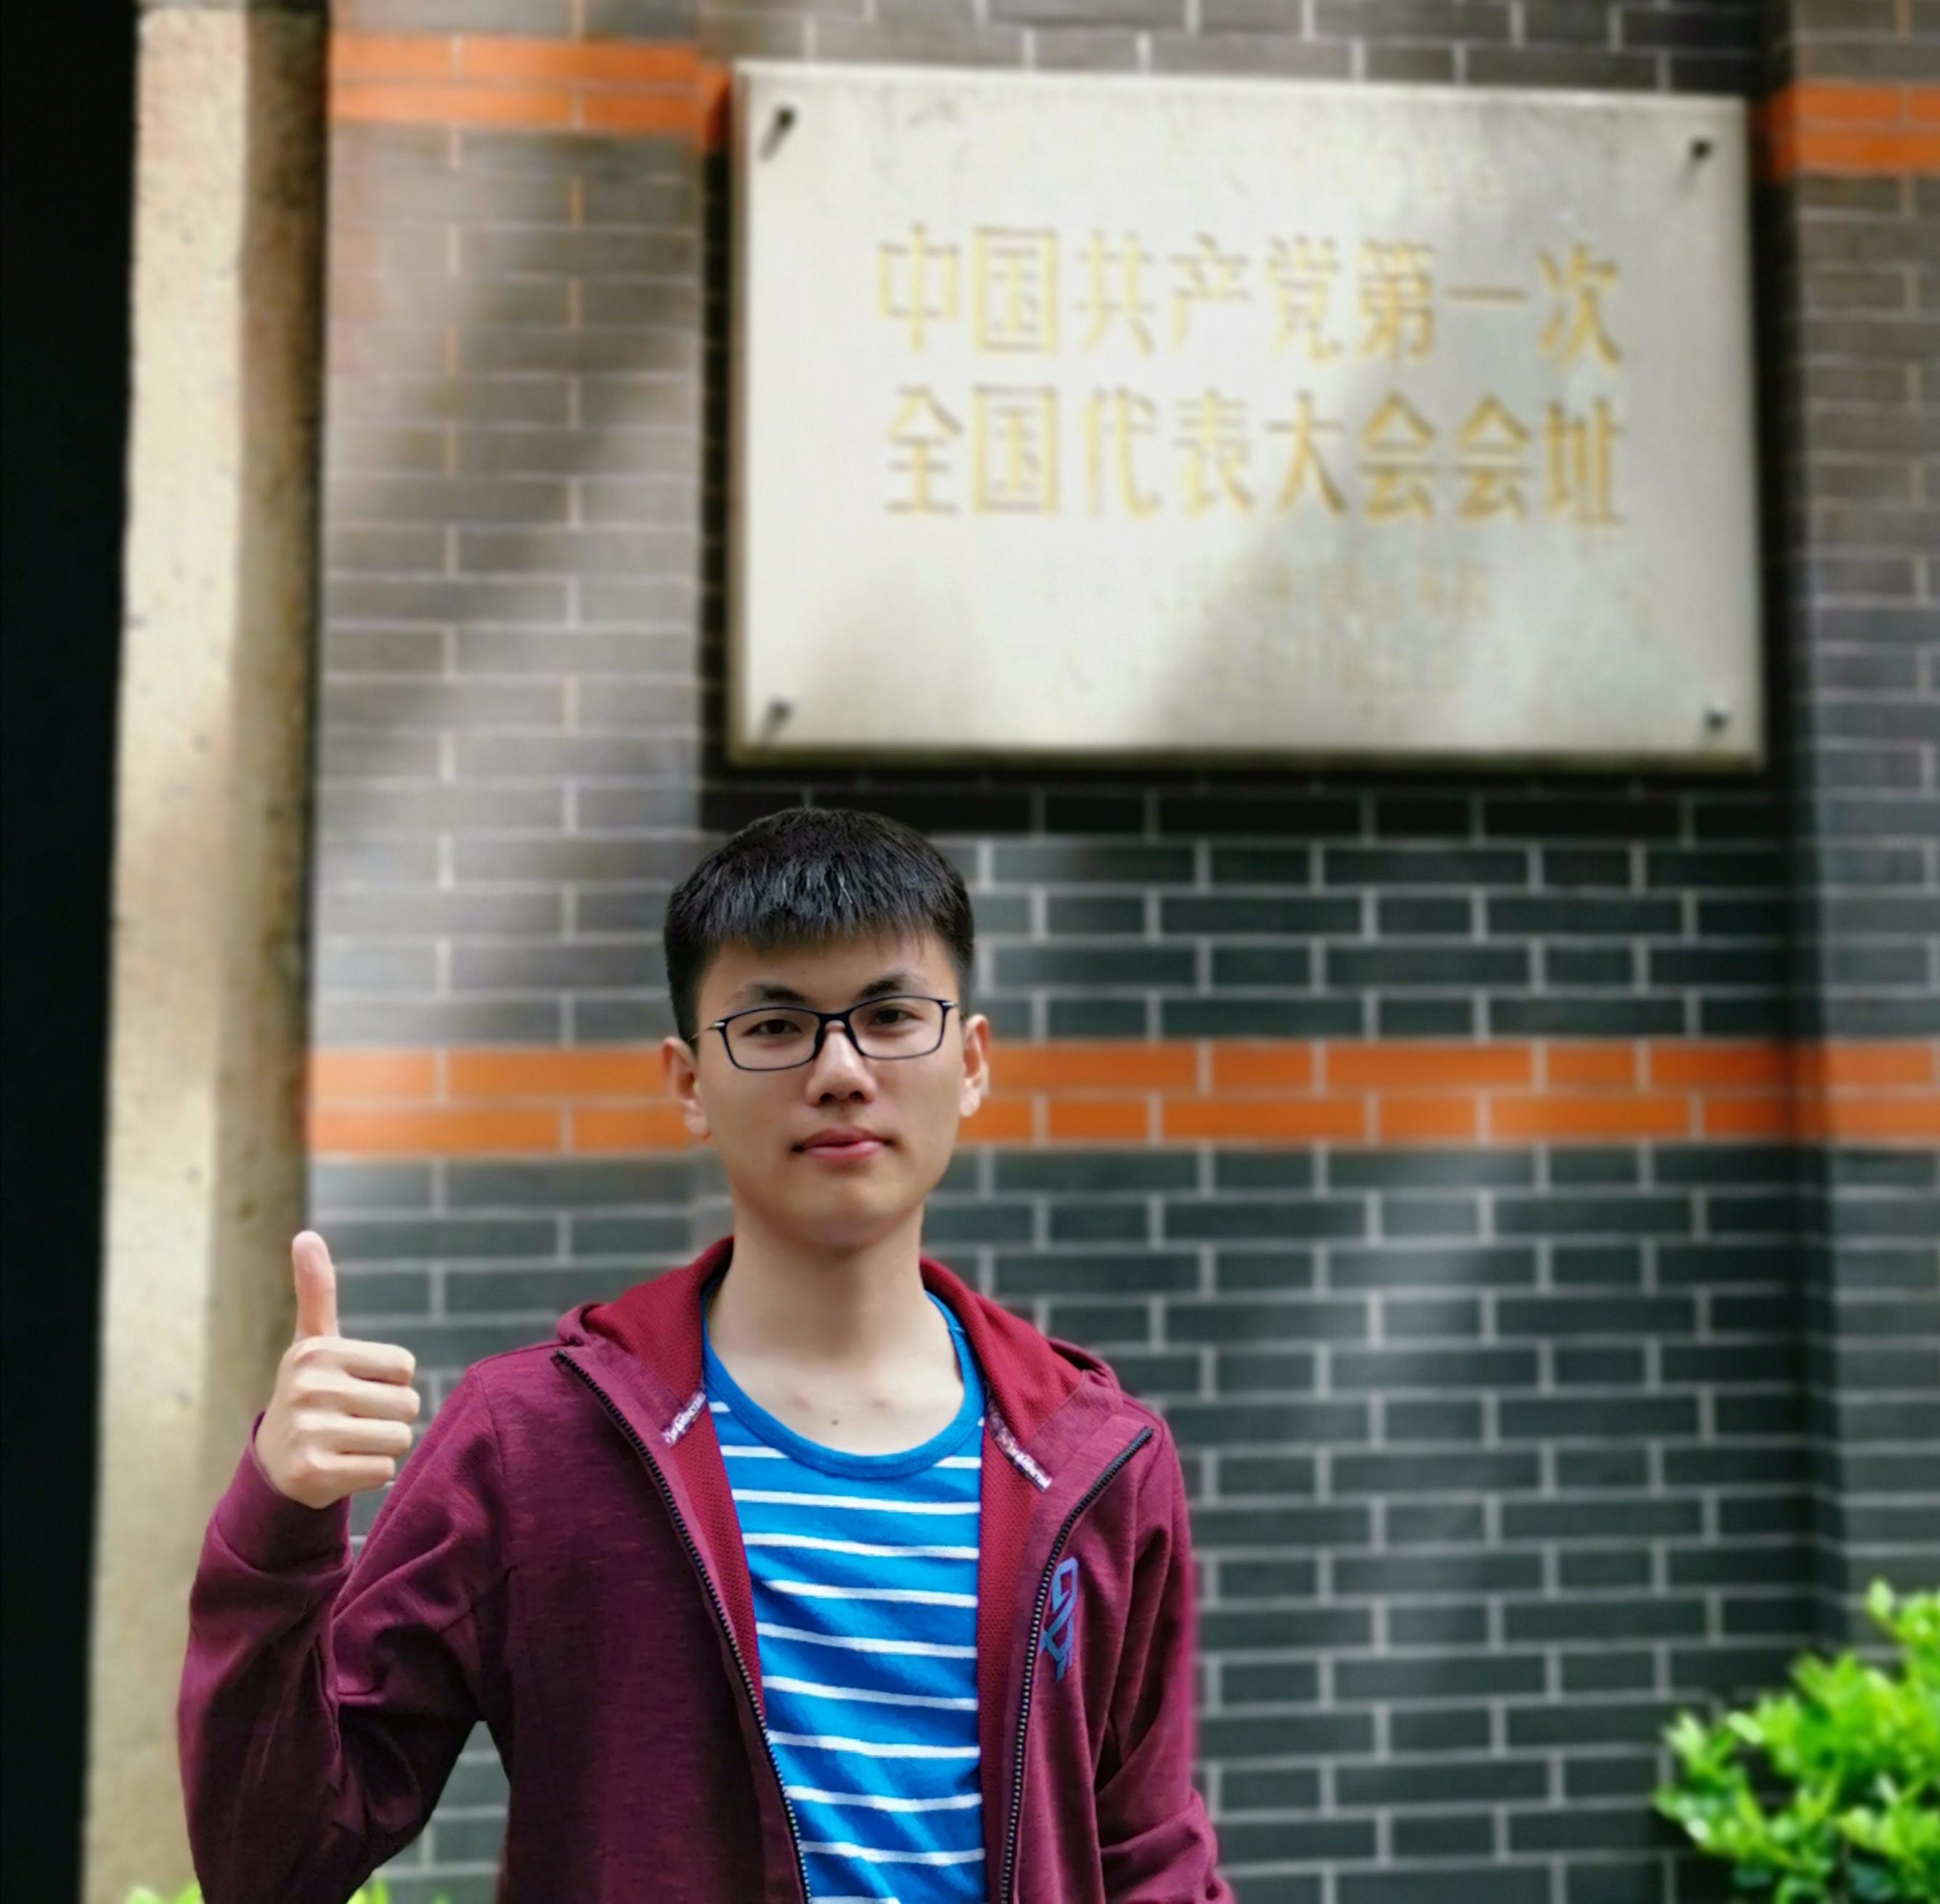 天津大学有机化学_硕士在读 - 中科院集成信息平台3.0